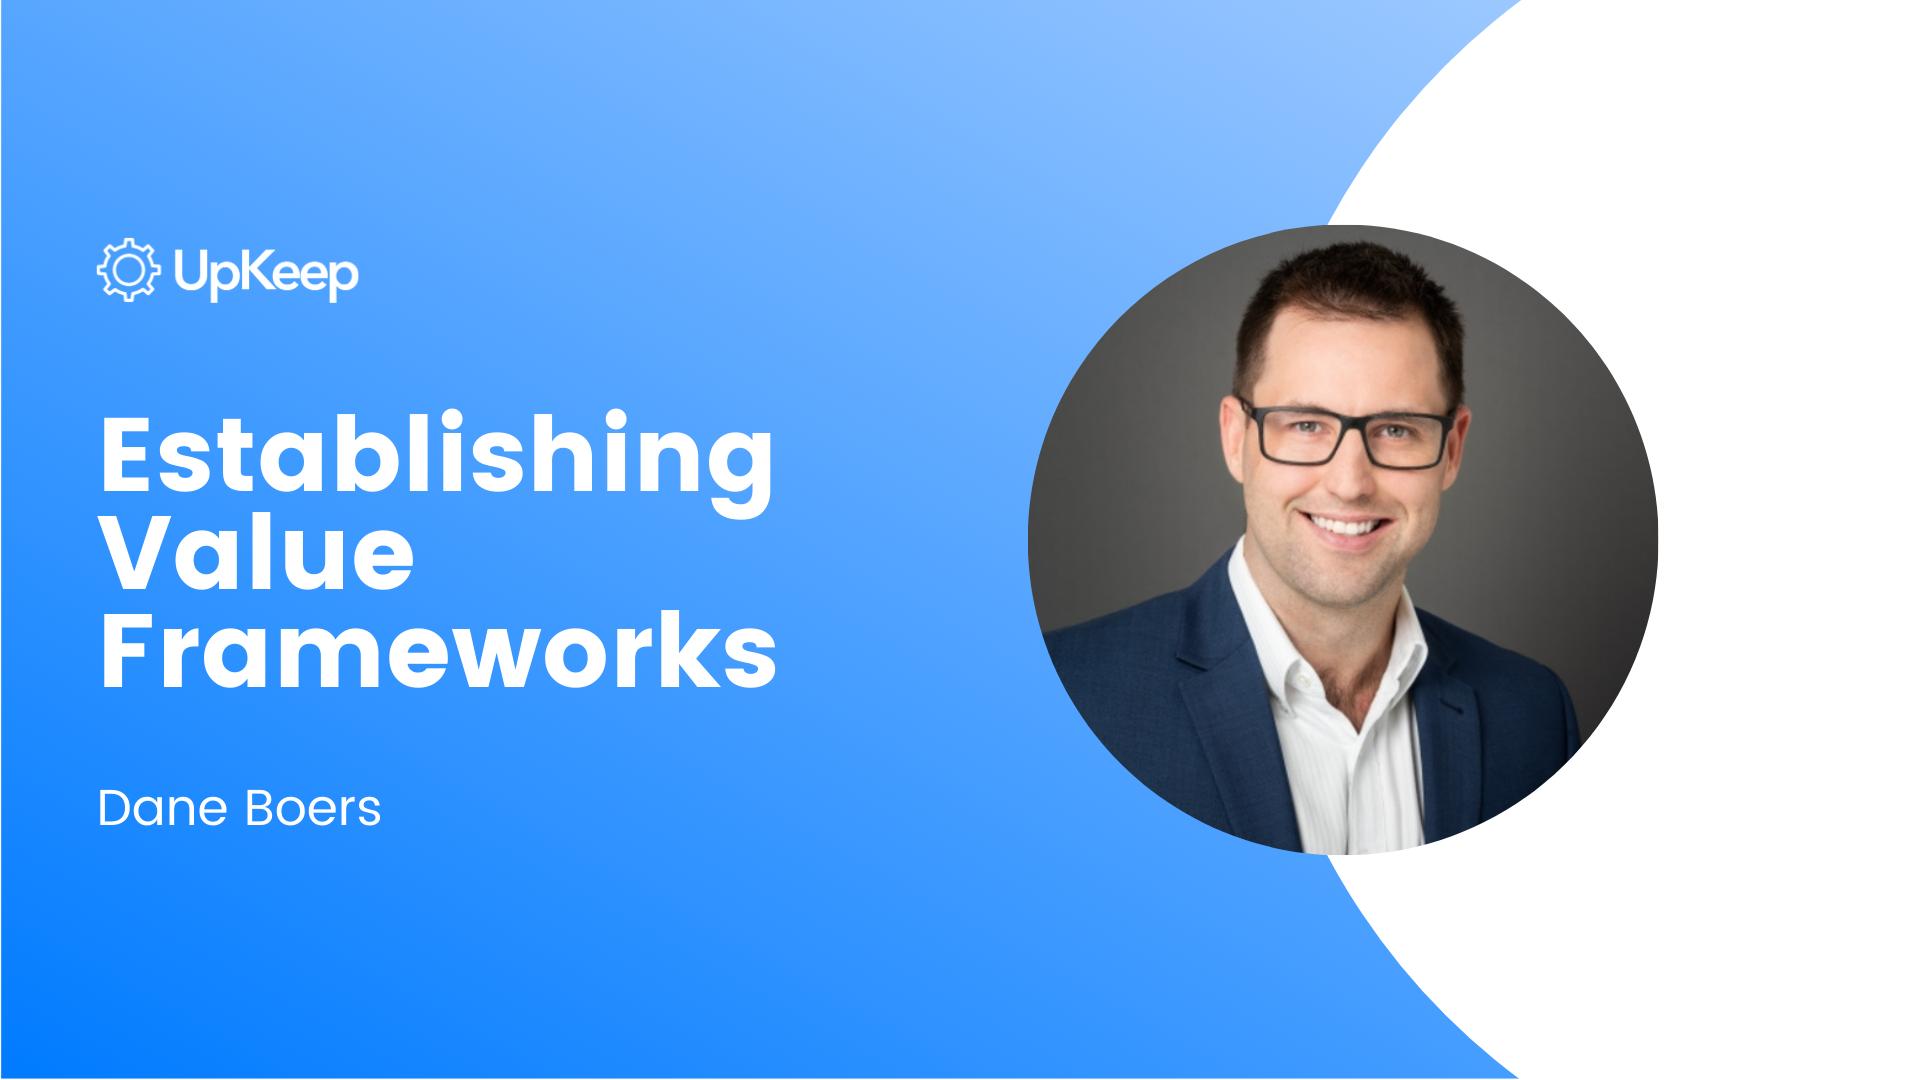 Establishing Value Frameworks